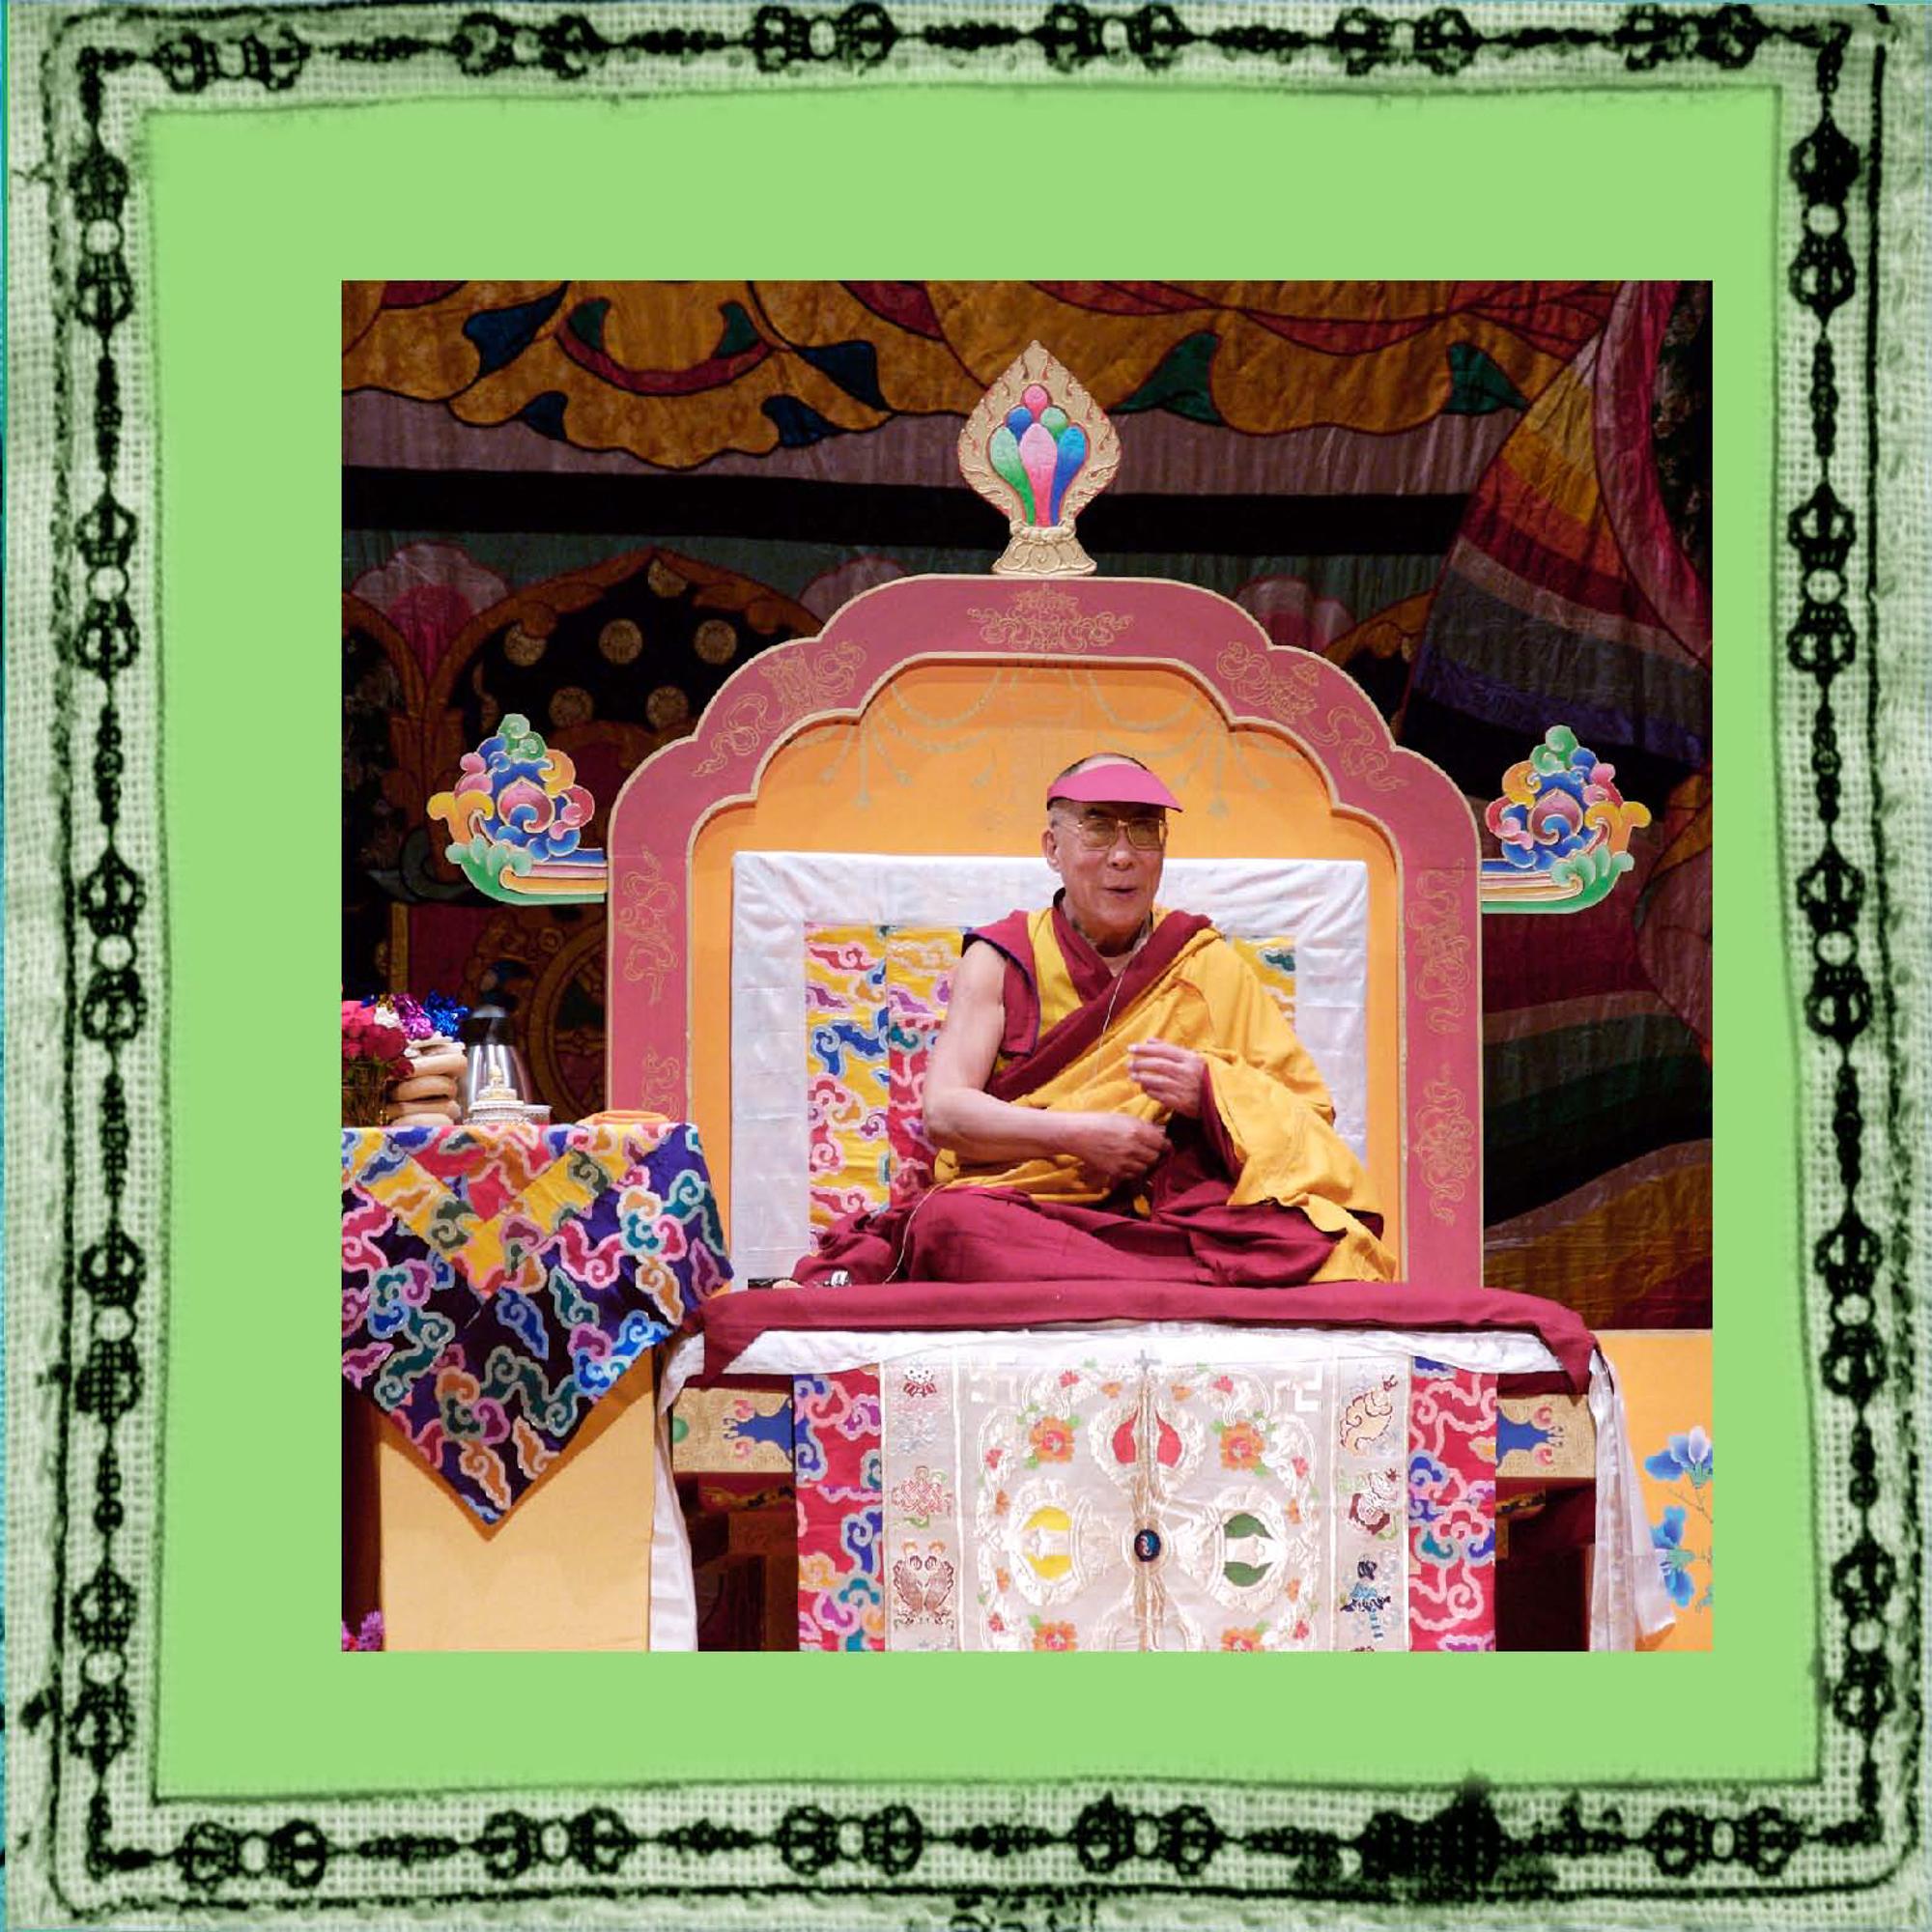 elizabeth-fenwick-photography-dalai-lama-peace-3.jpg